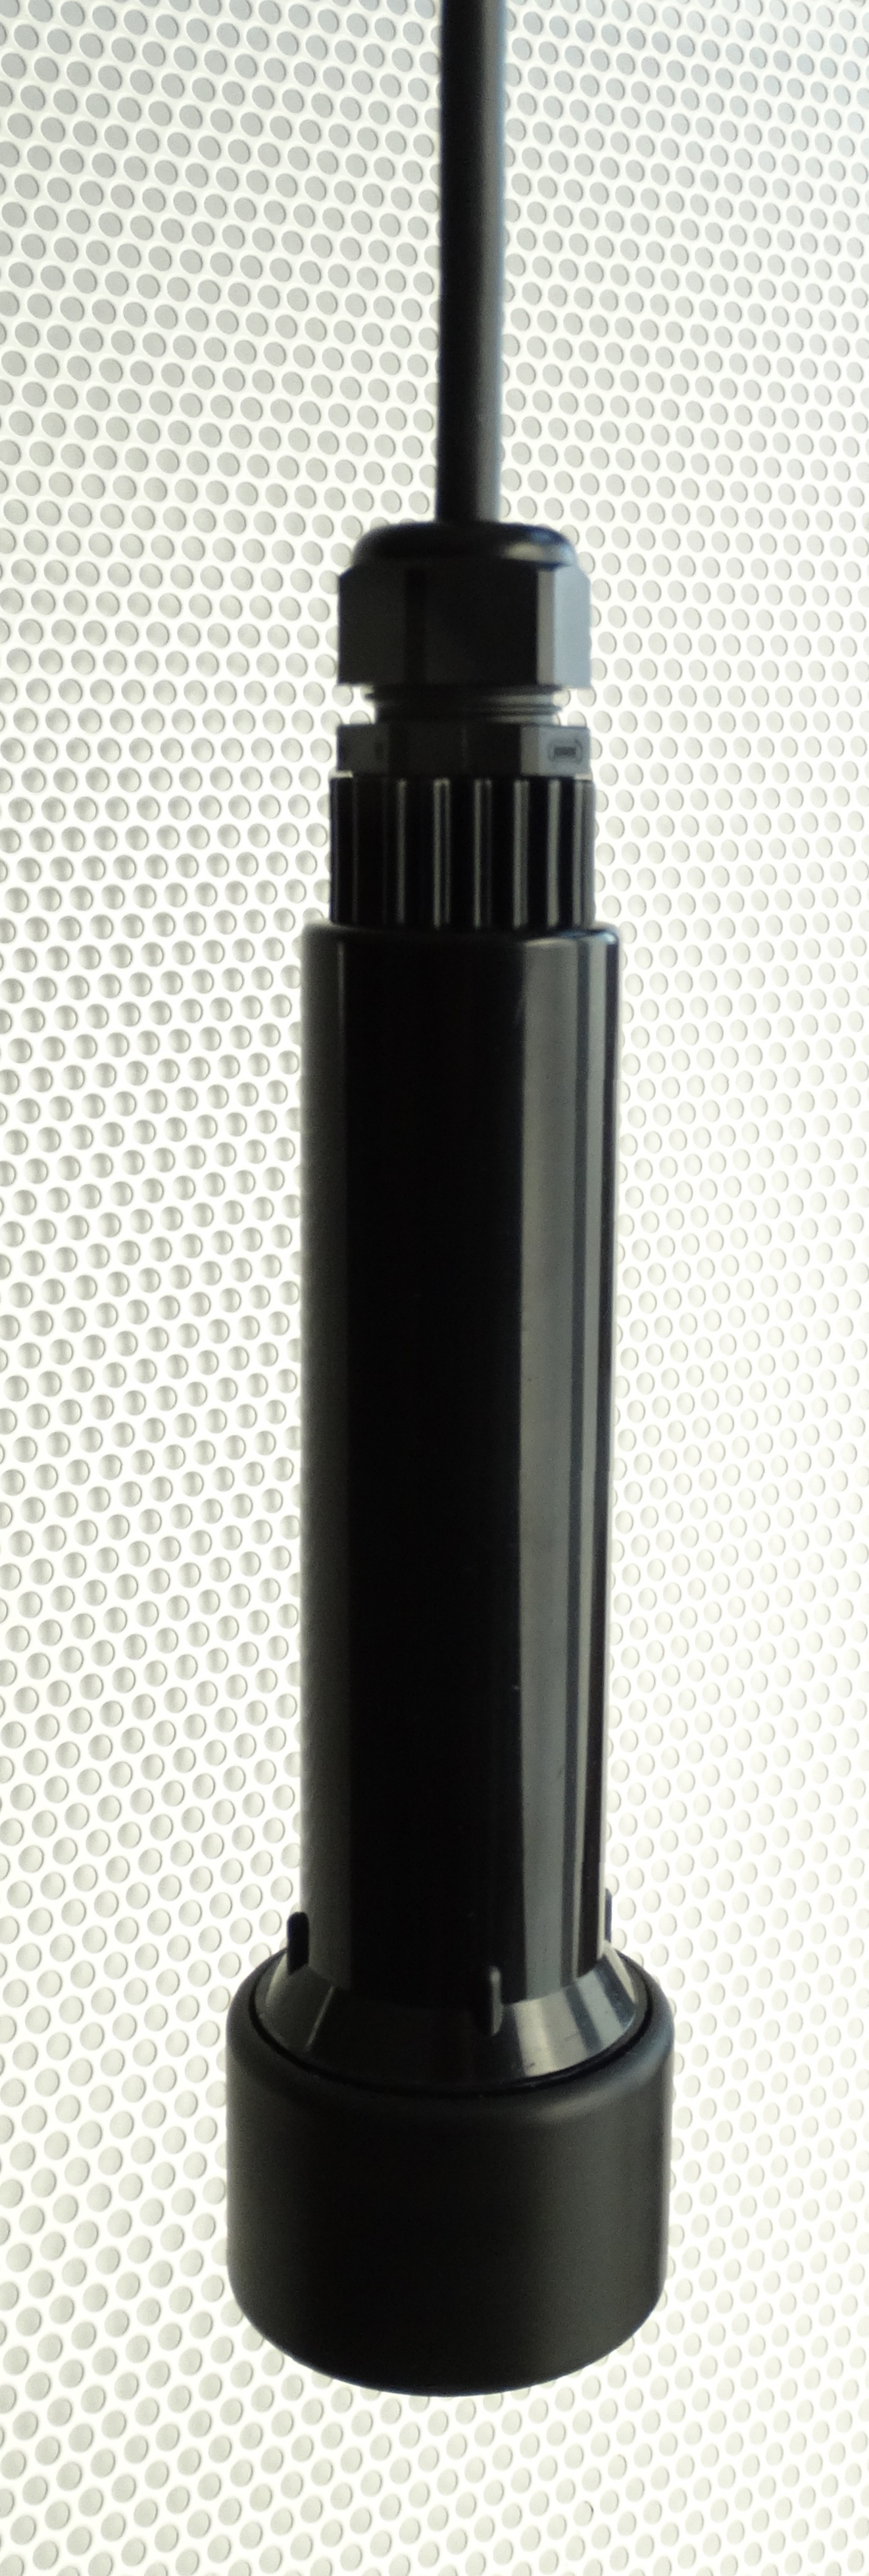 DSC08641-1